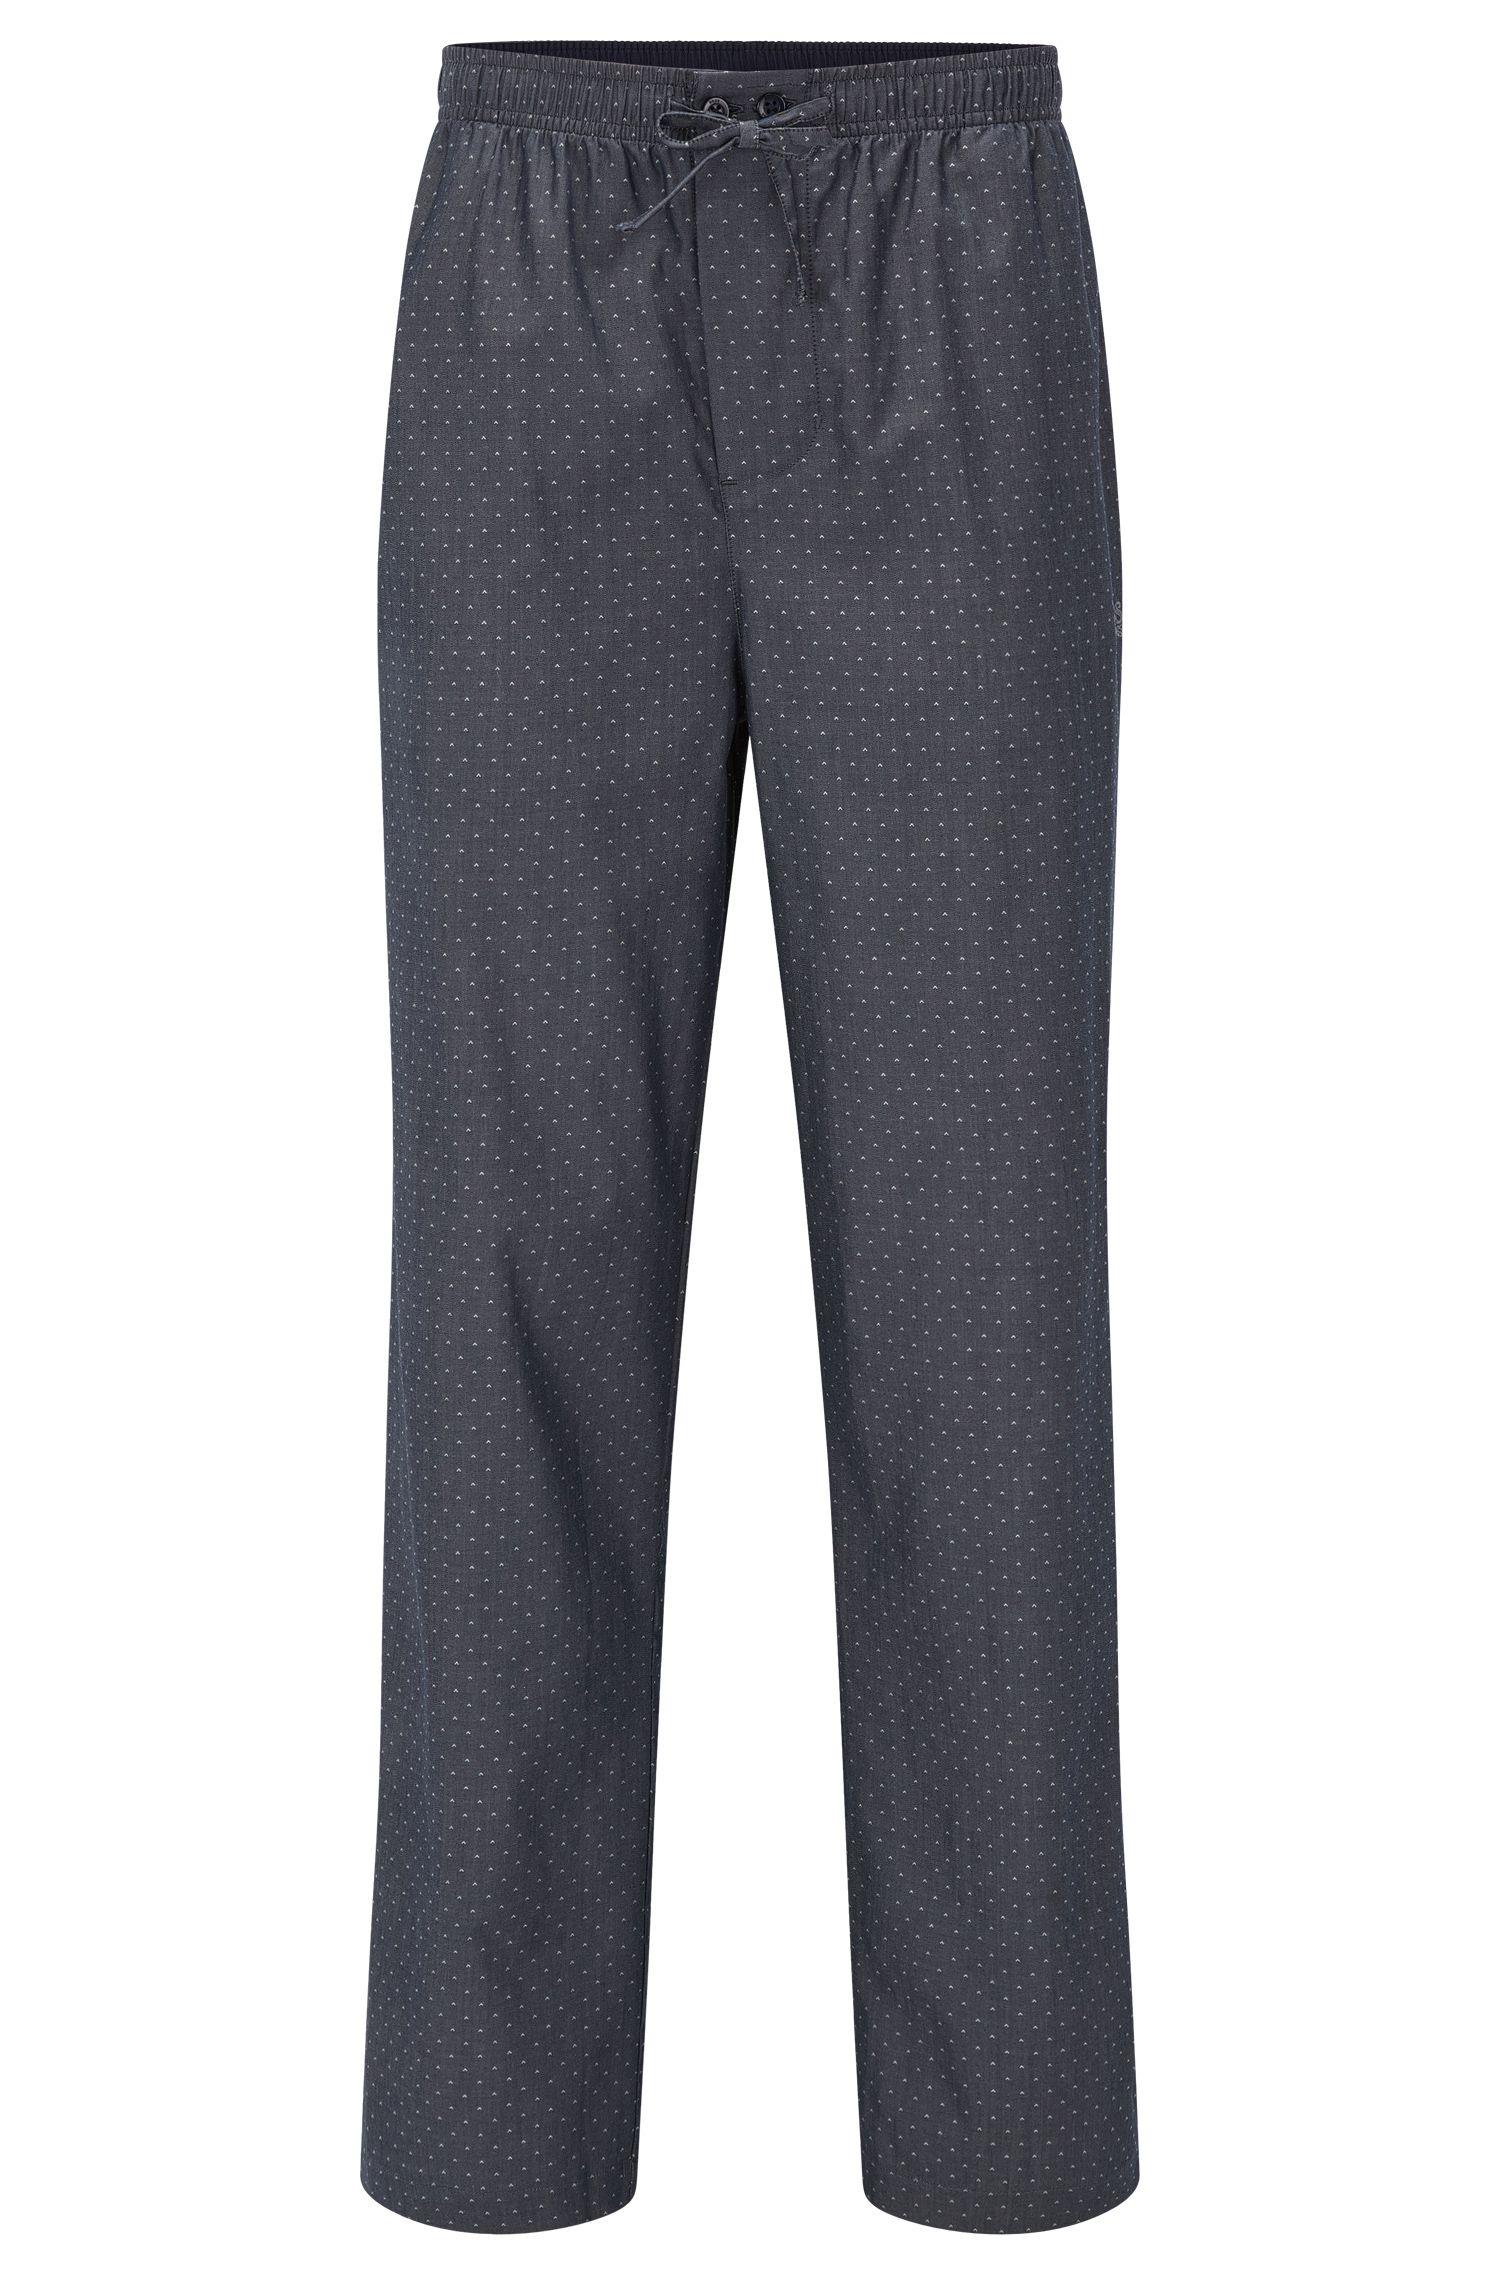 Pantaloni del pigiama in cotone a microdisegni